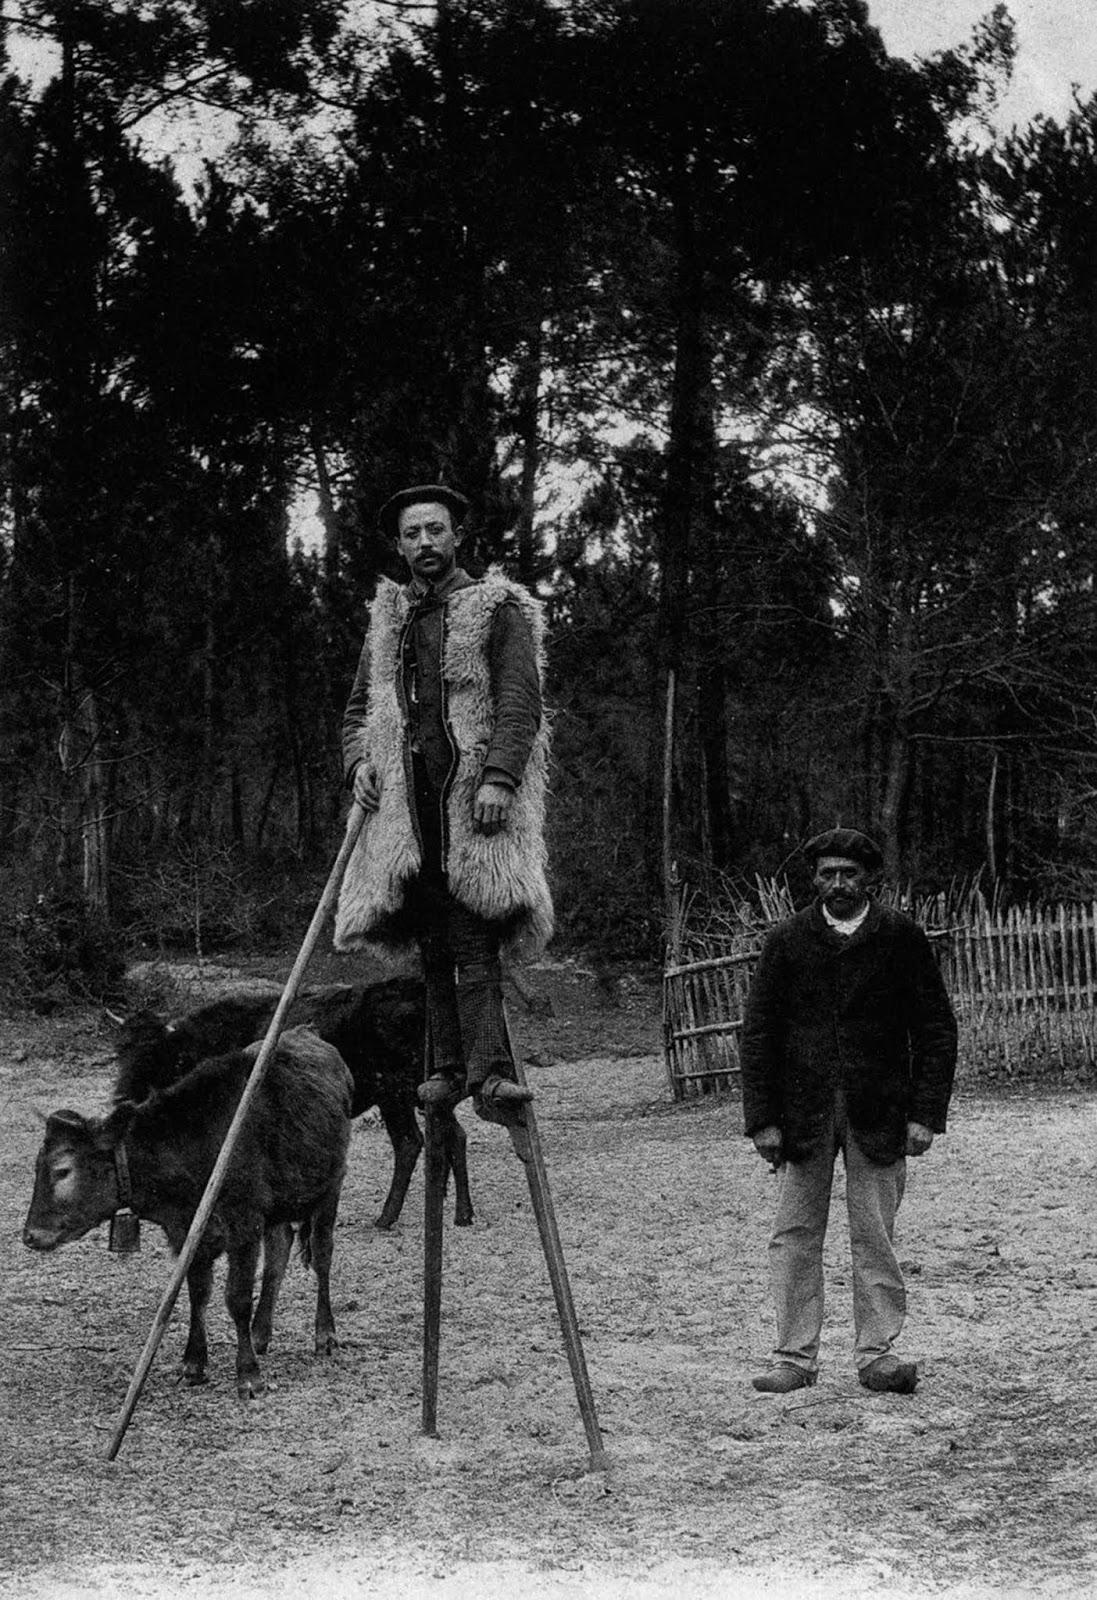 A French shepherd in stilts. 1930.